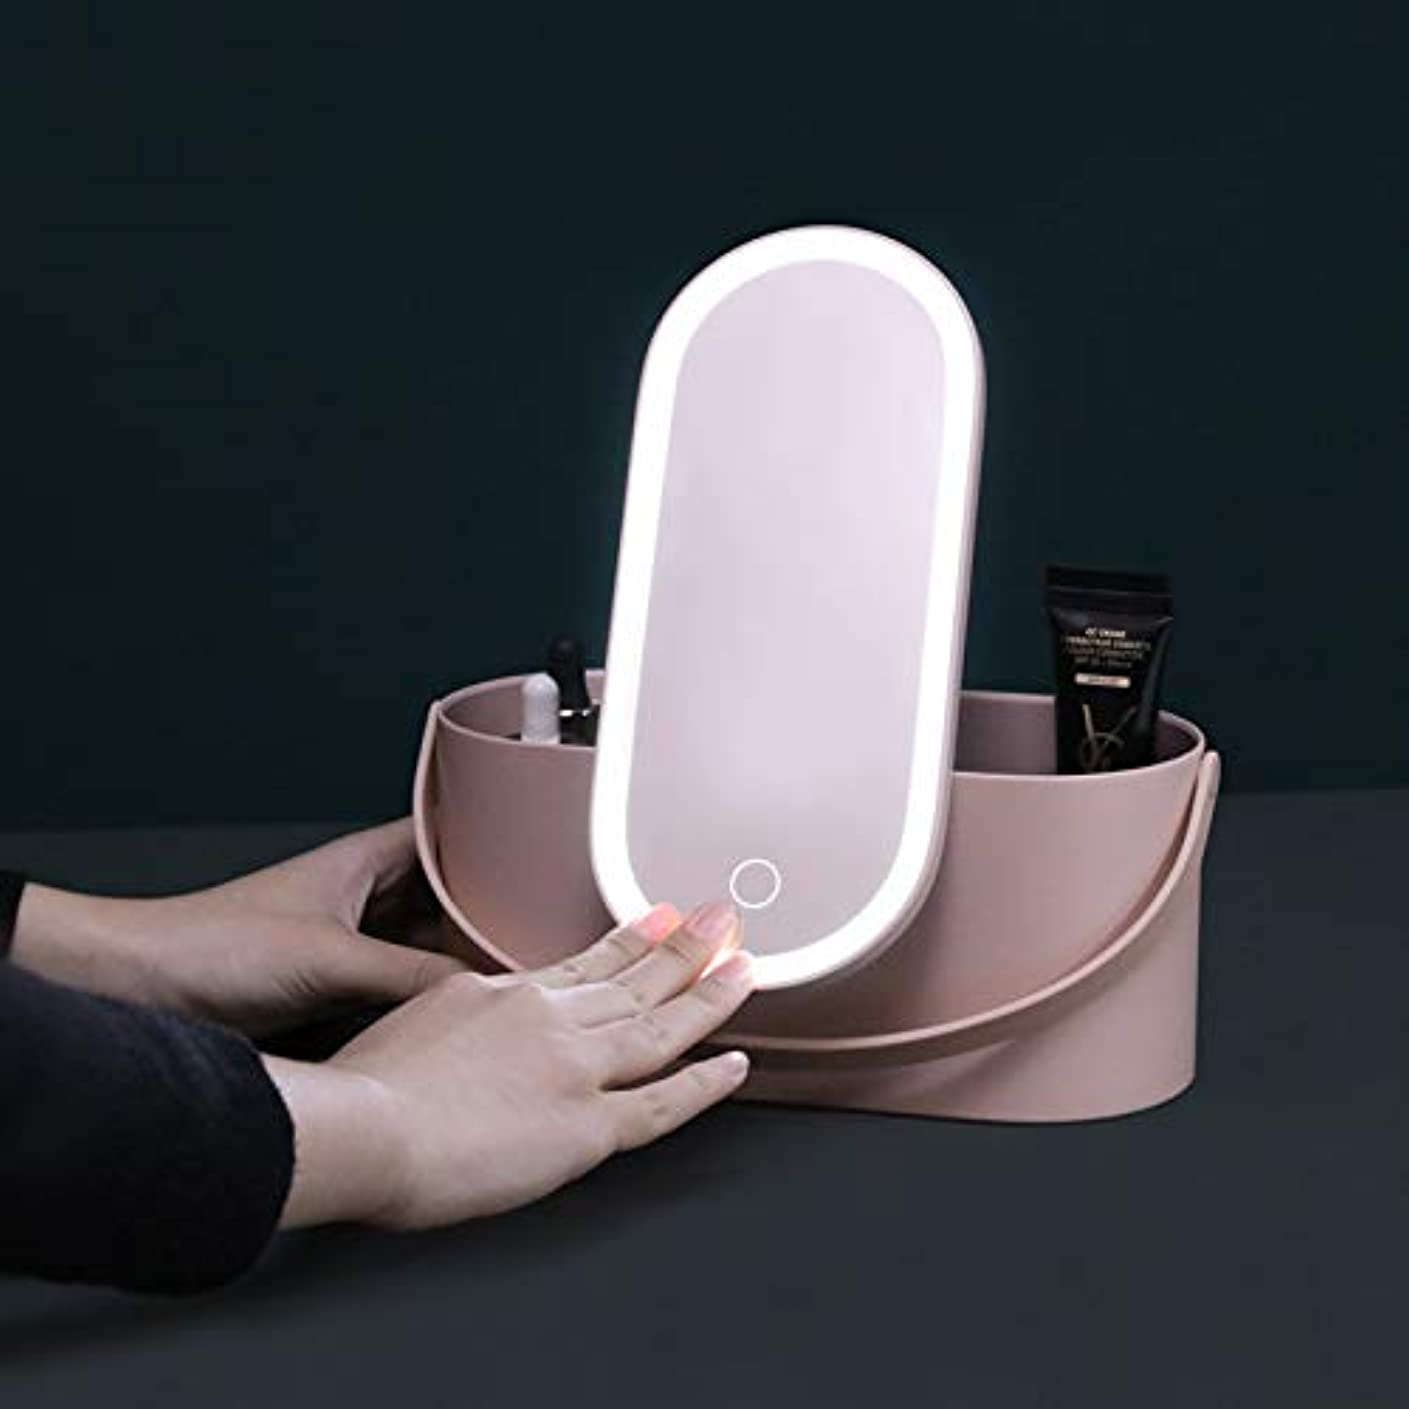 イタリアの分散散髪BelleLife 化粧鏡付きの便携式メイクボックス 鏡 卓上化粧品収納ボックス LEDライト付きミラー 明るさ調節可能 180度回転 USB 旅行中にいつでも化粧直し 鏡台として使える (ピンク)